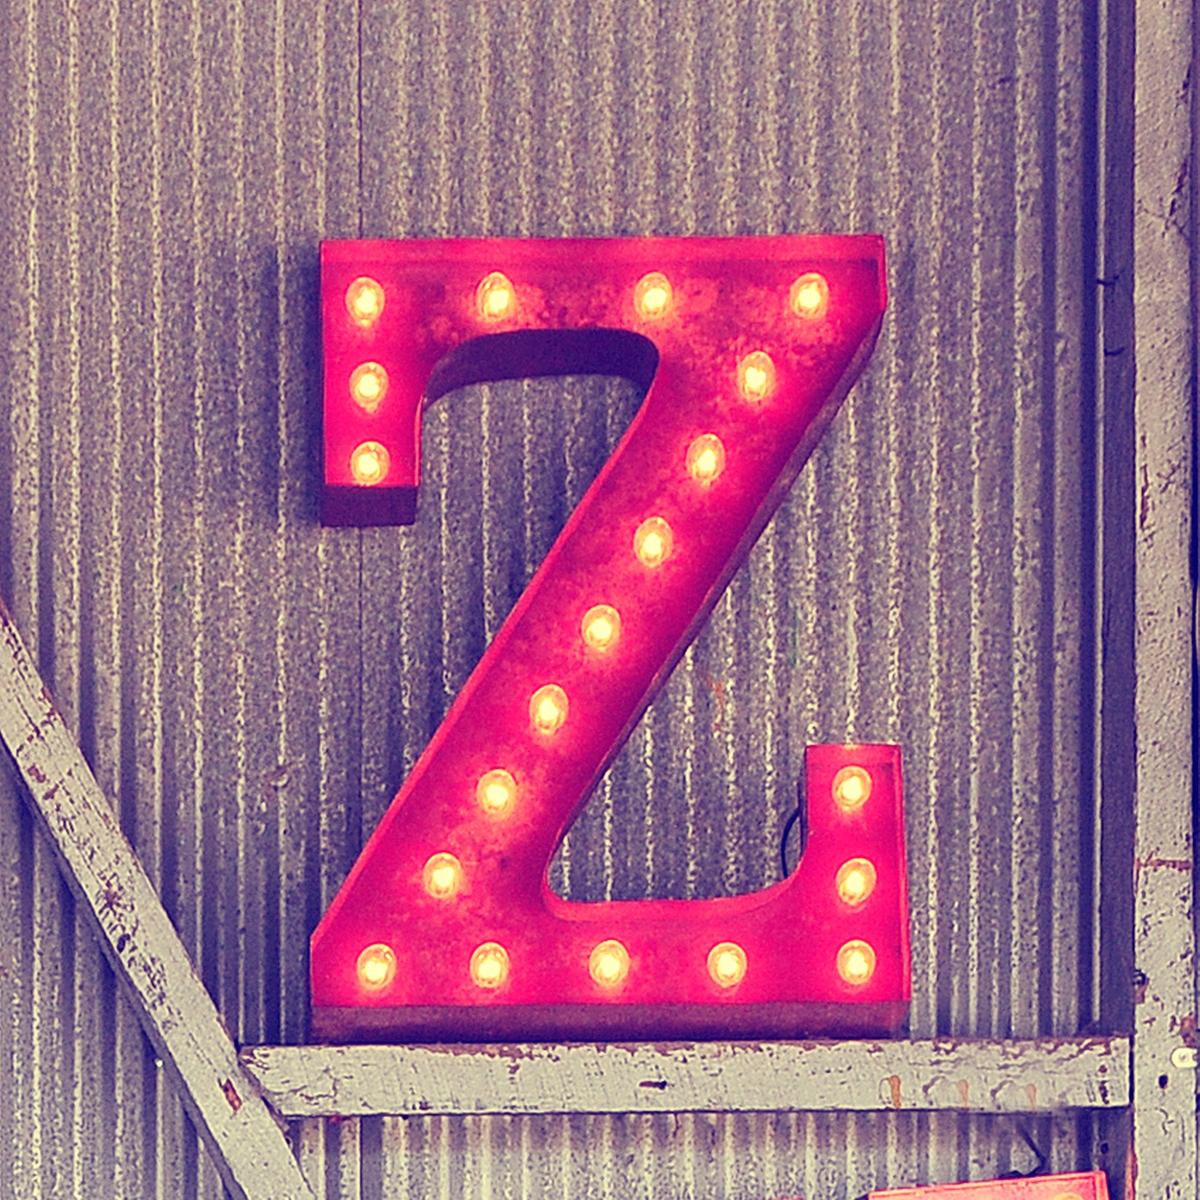 صور صور عن حرف z , بتدوري على صورة مكتوب فيها حروف معينة